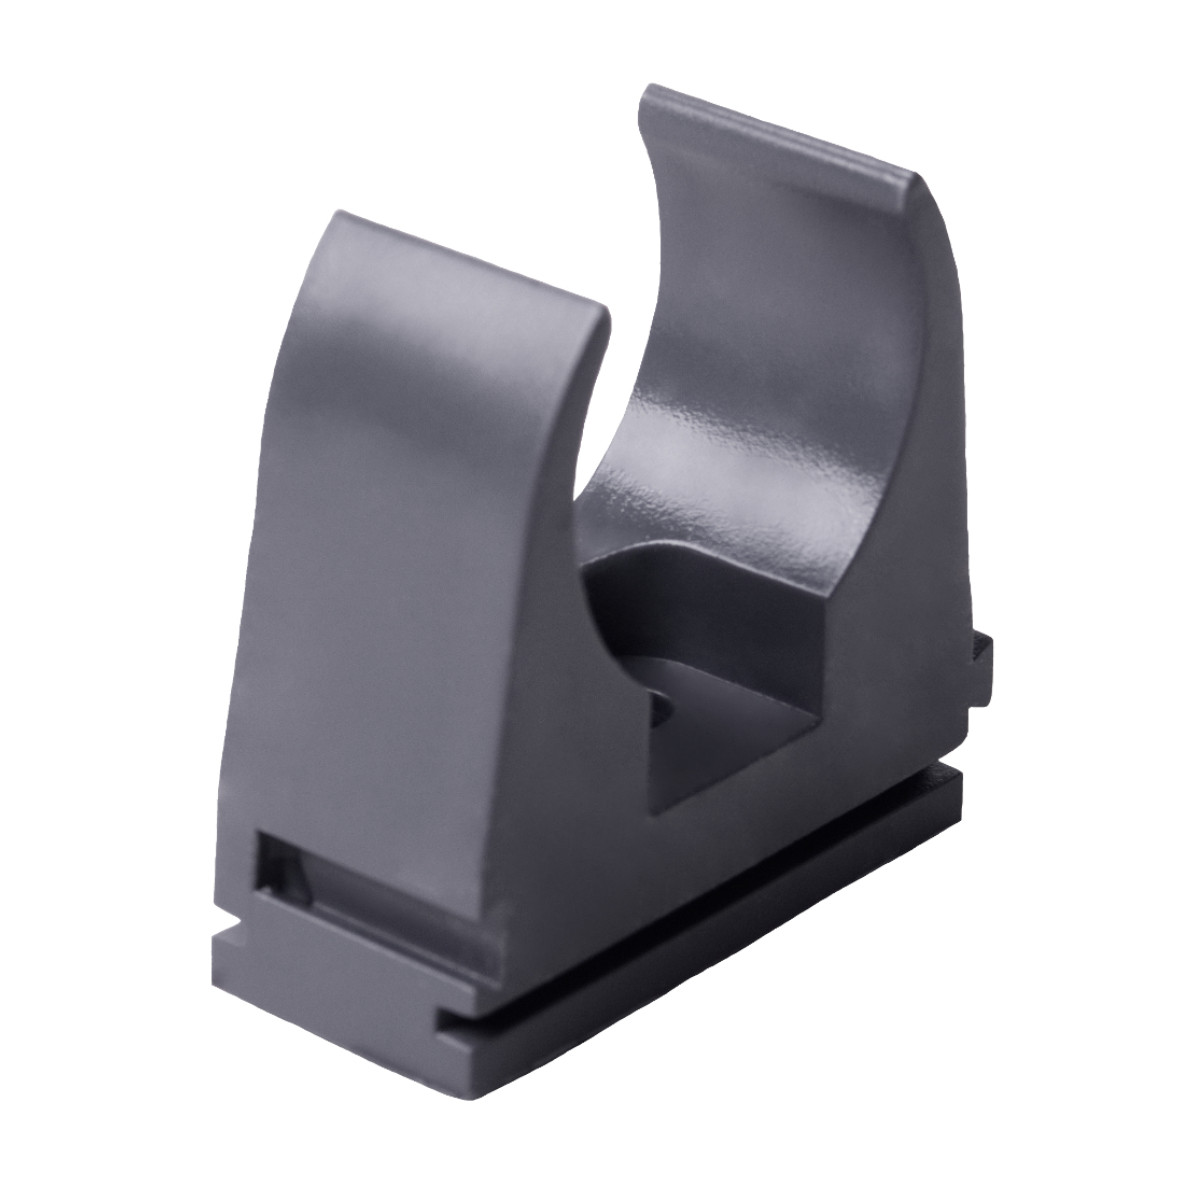 Кріплення труби 20 мм ; Ø20мм; ПВХ;; t застосування -25+60 °с; темно-сіра; Упаковка 10 шт